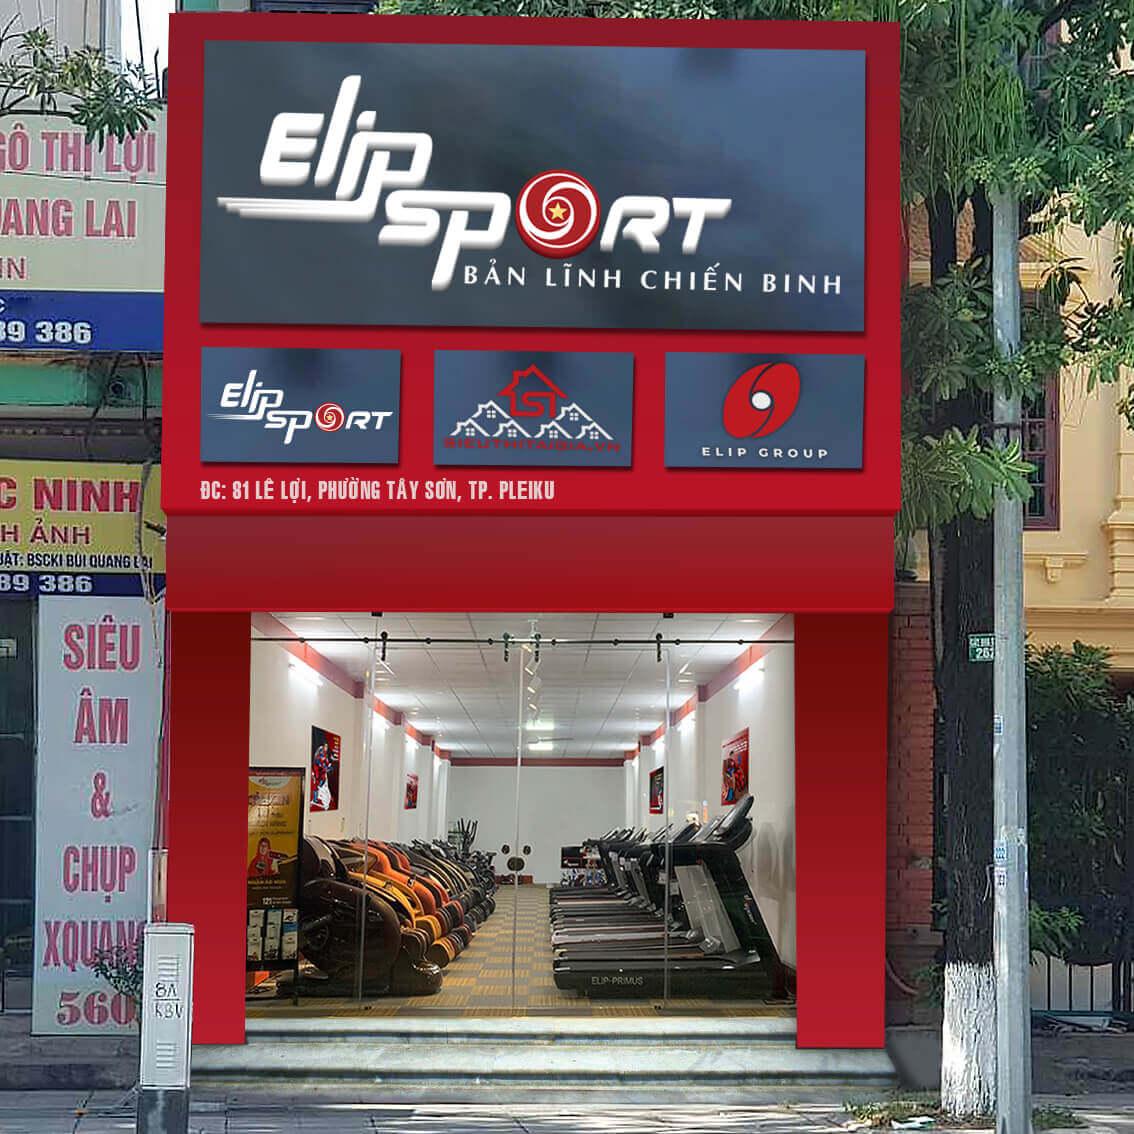 Hình ảnh của chi nhánh Elipsport Gia Lai